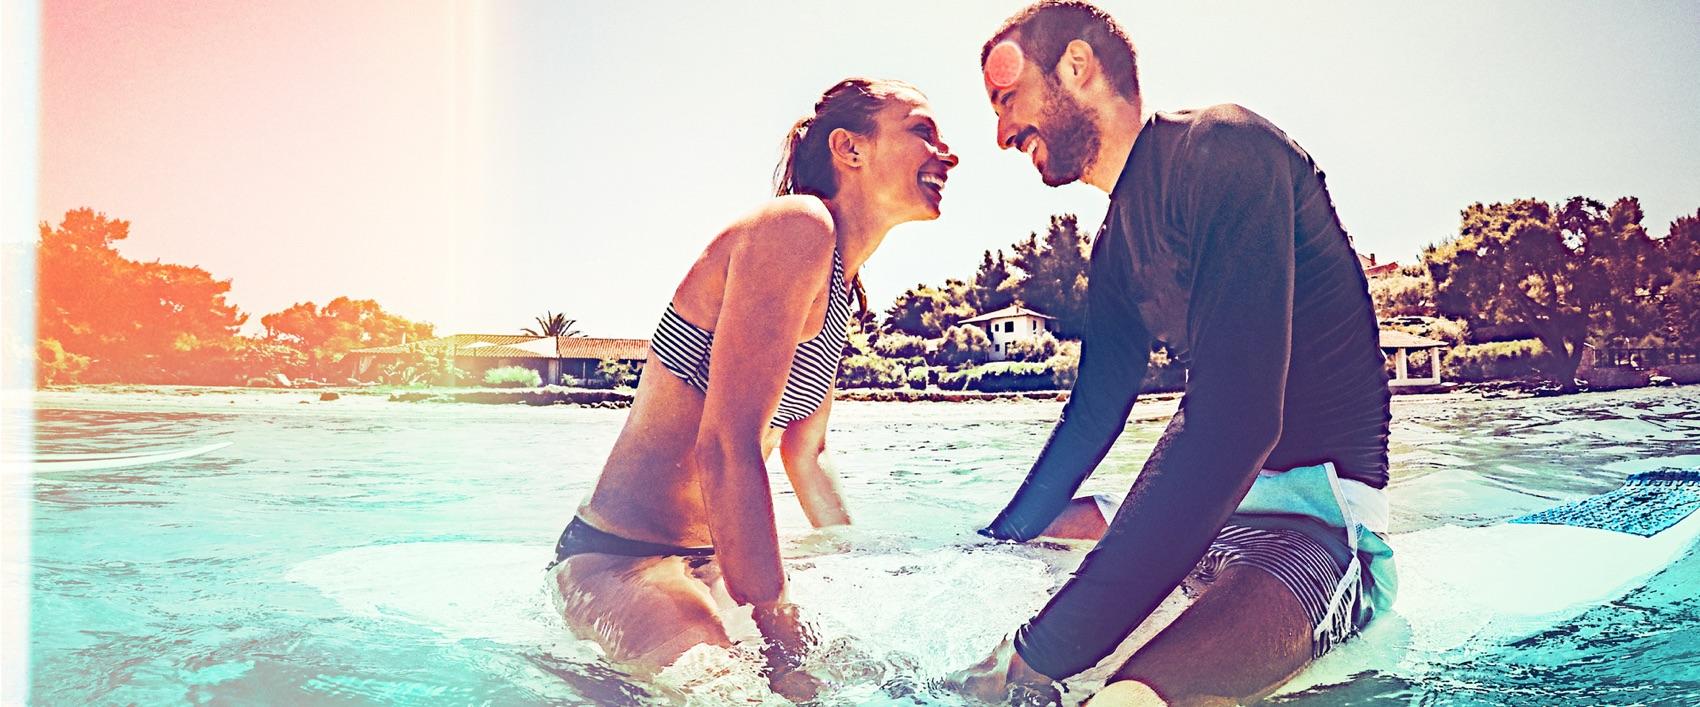 Verliebtes Surfer-Paar auf einem Surfbrett im Meer.